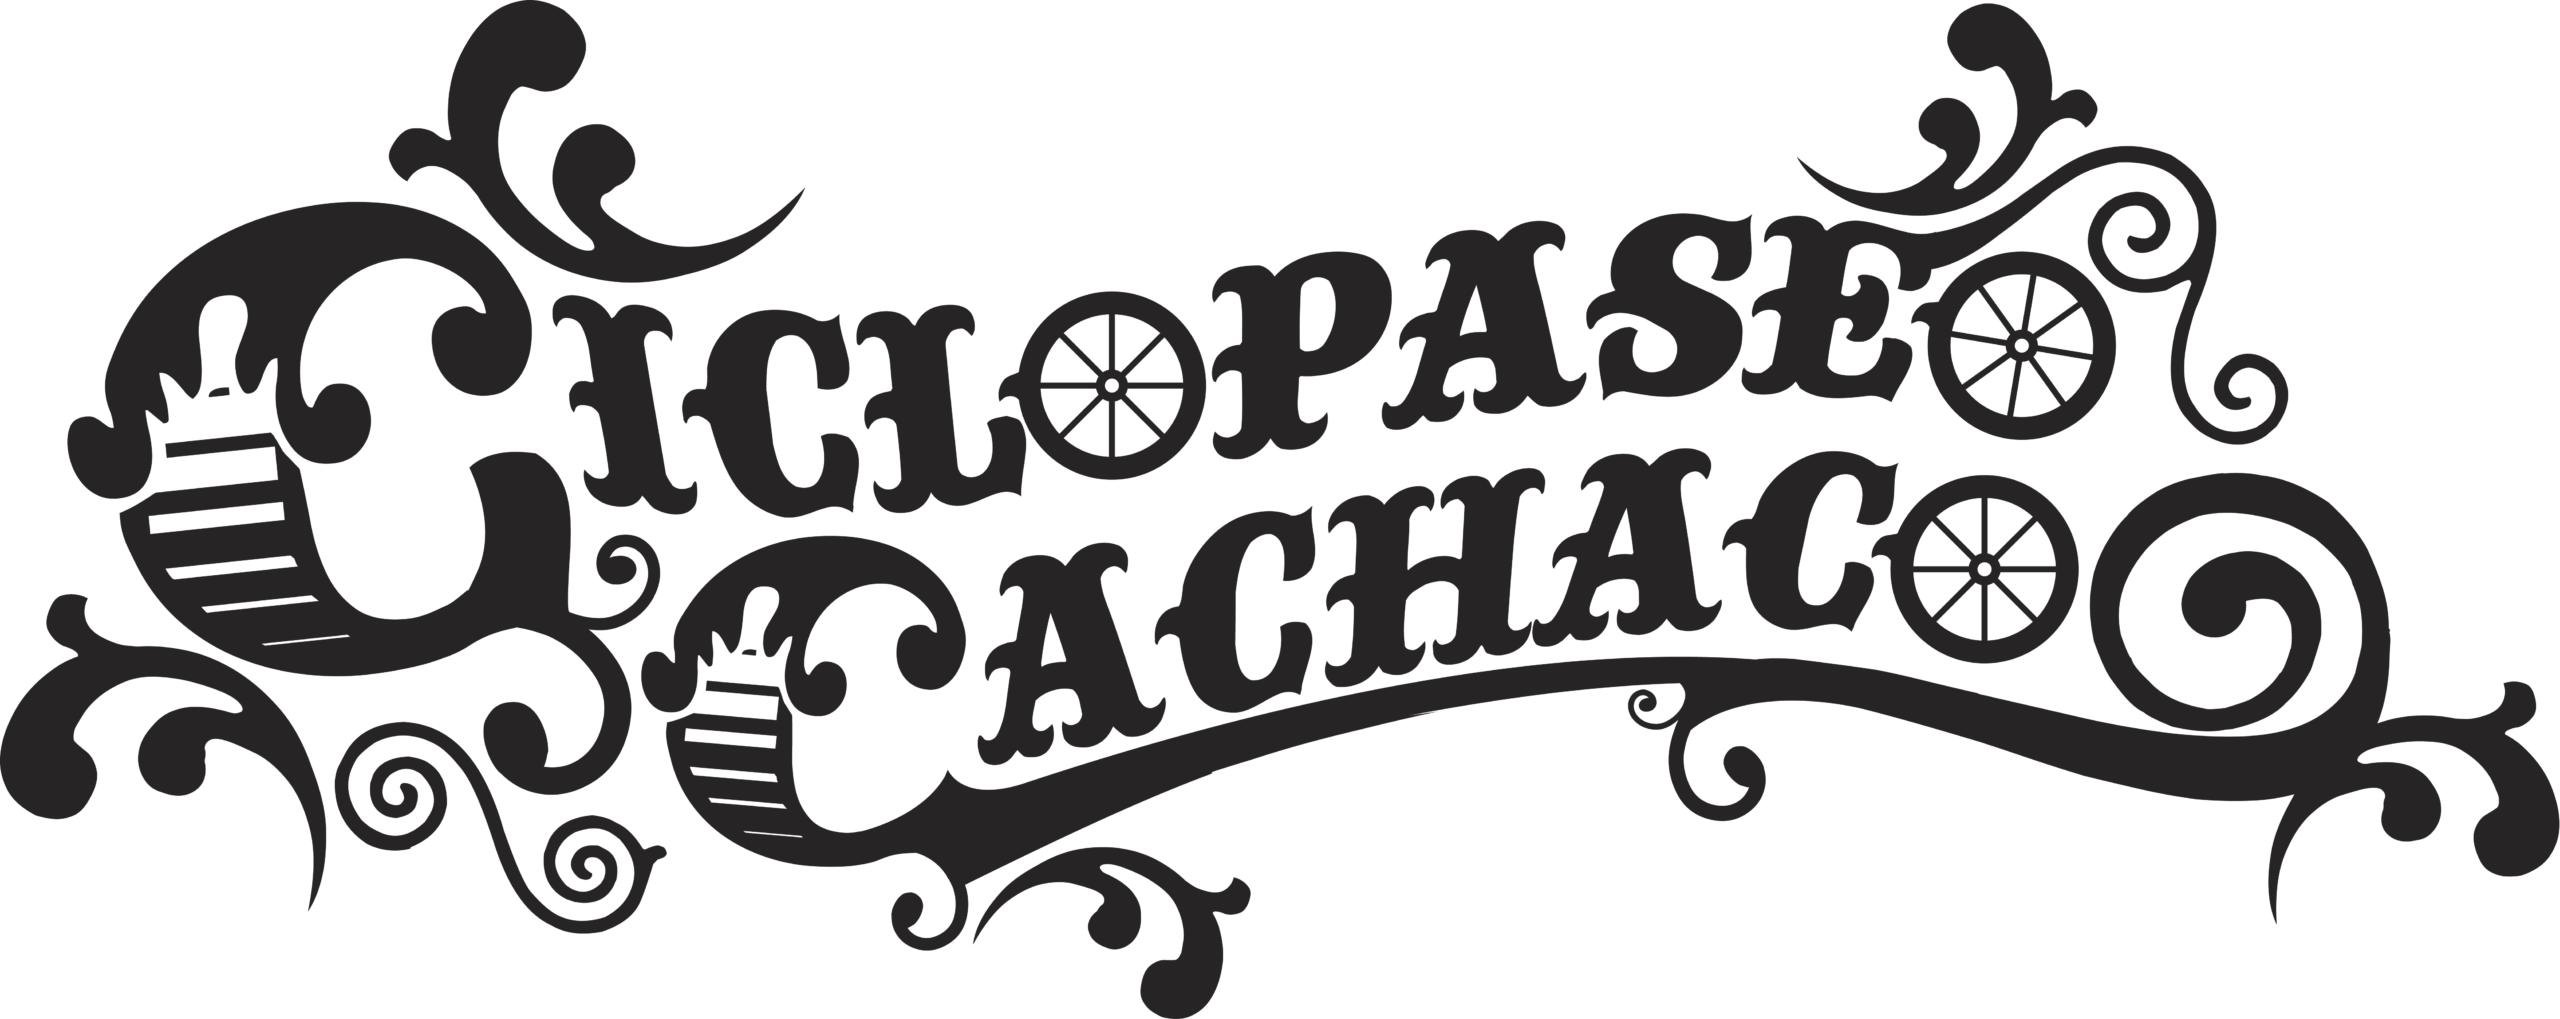 ciclopaseo cachaco logo